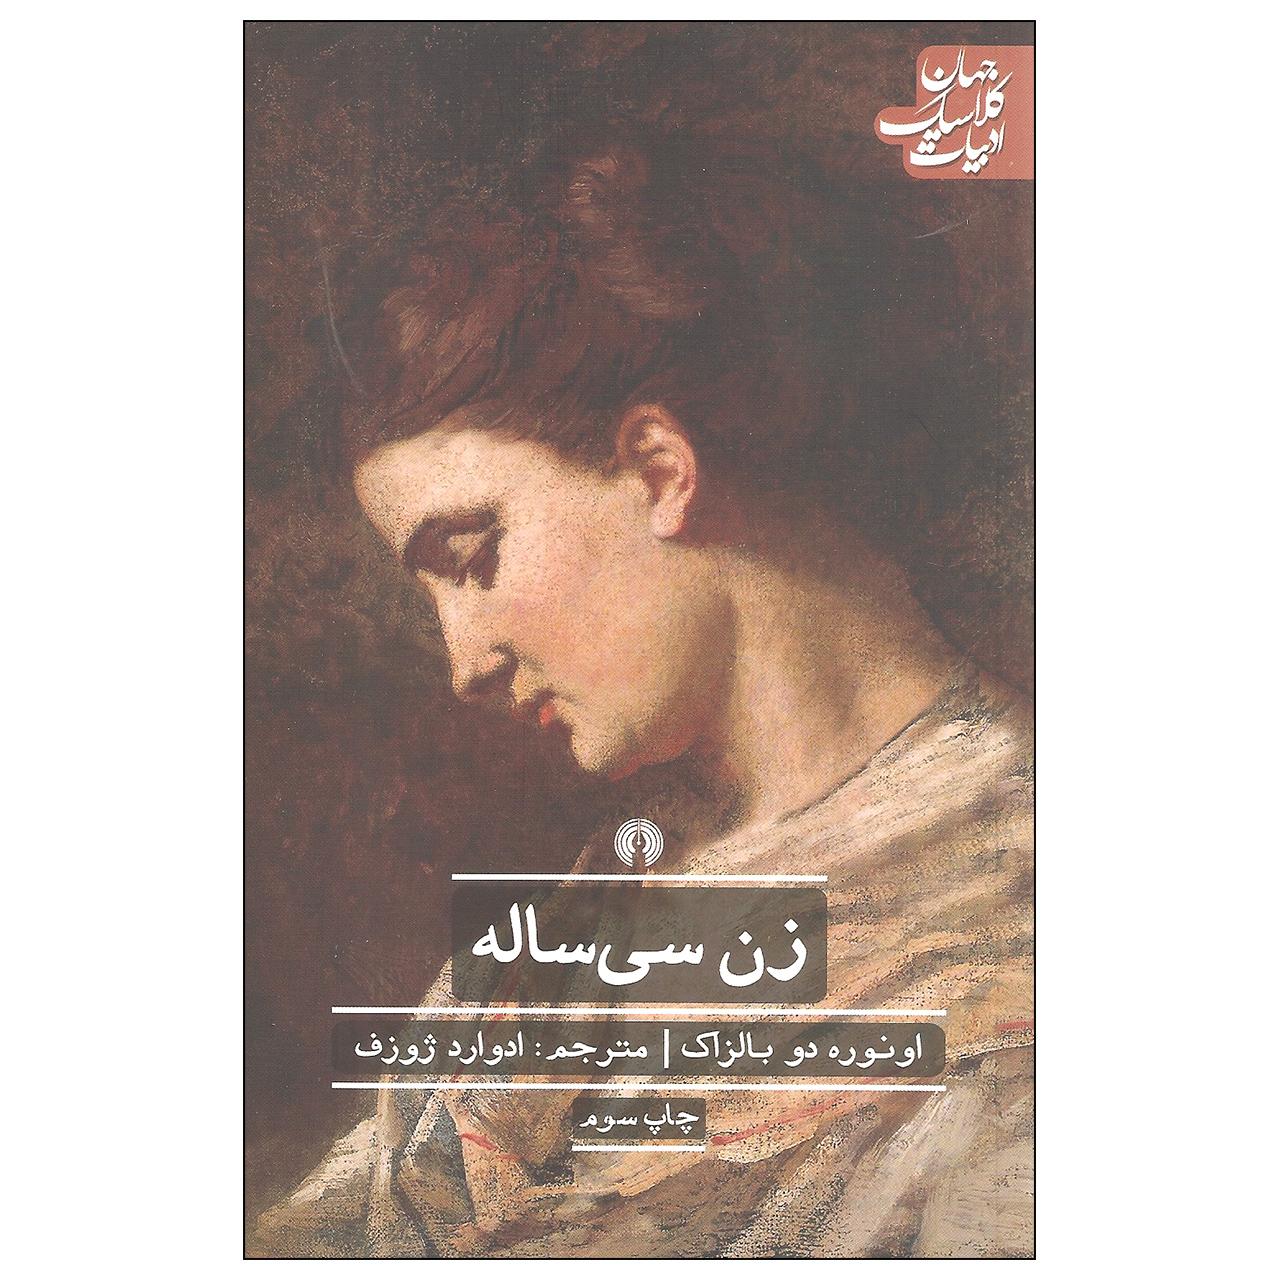 خرید                      کتاب زن سی ساله اثر اونوره دو بالزاک نشر علمی و فرهنگی